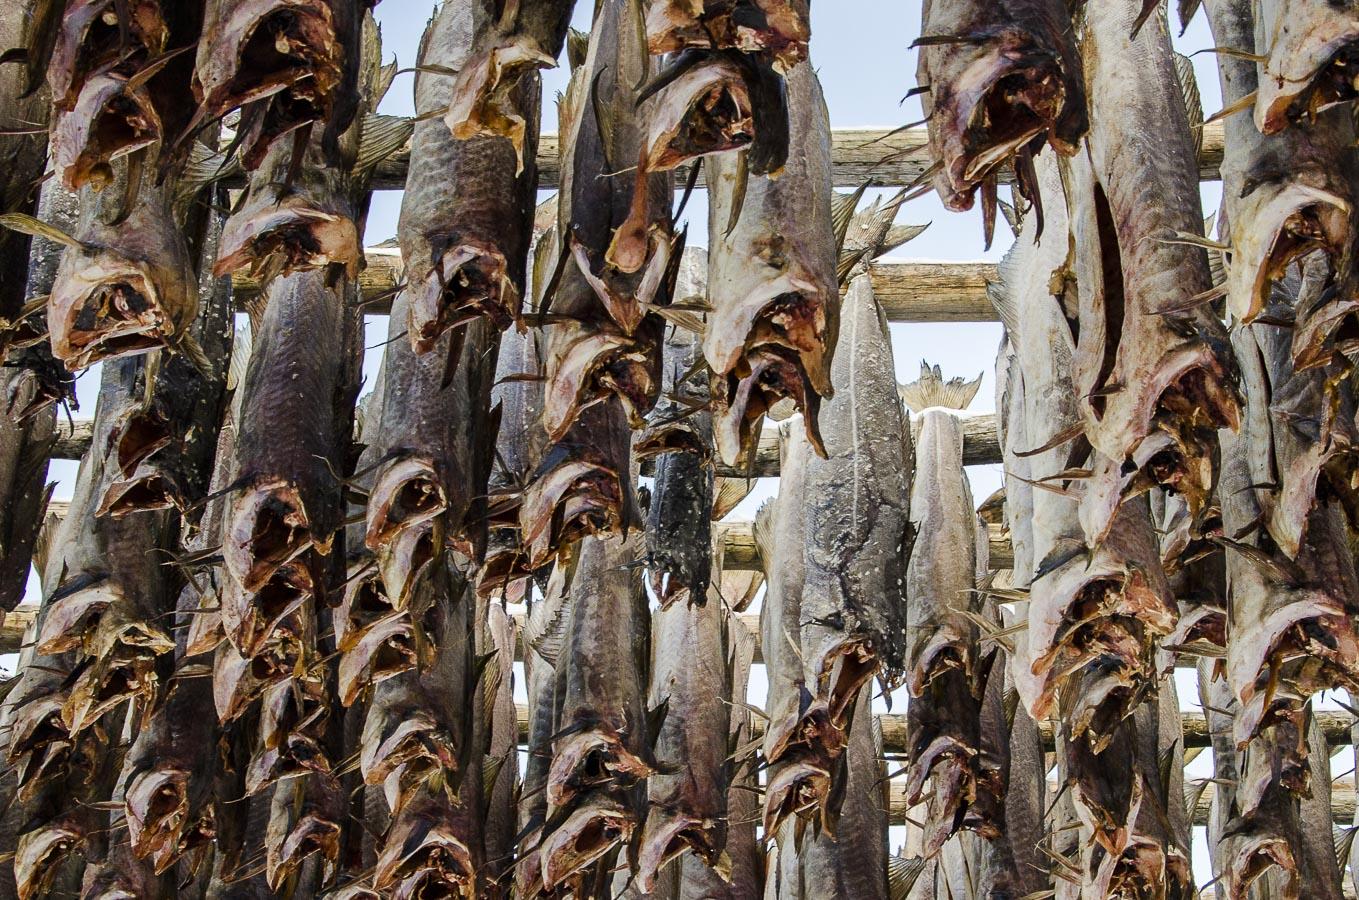 W przetwórni ryb